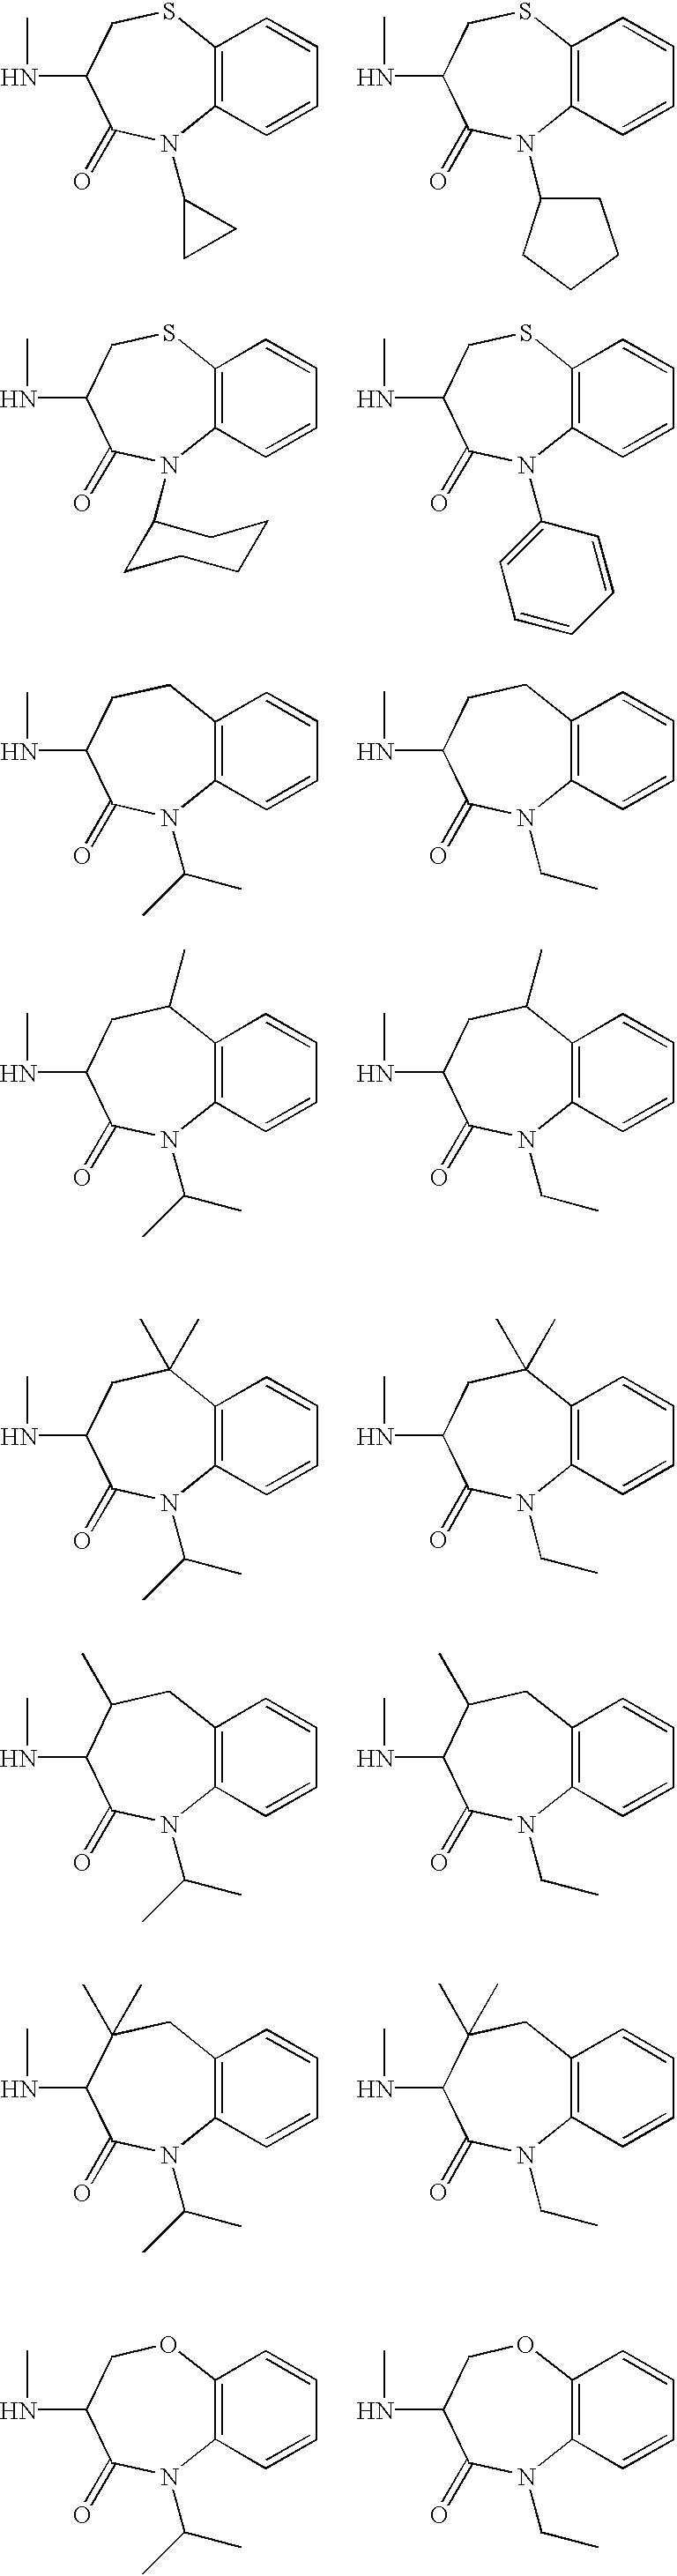 Figure US06509331-20030121-C00041